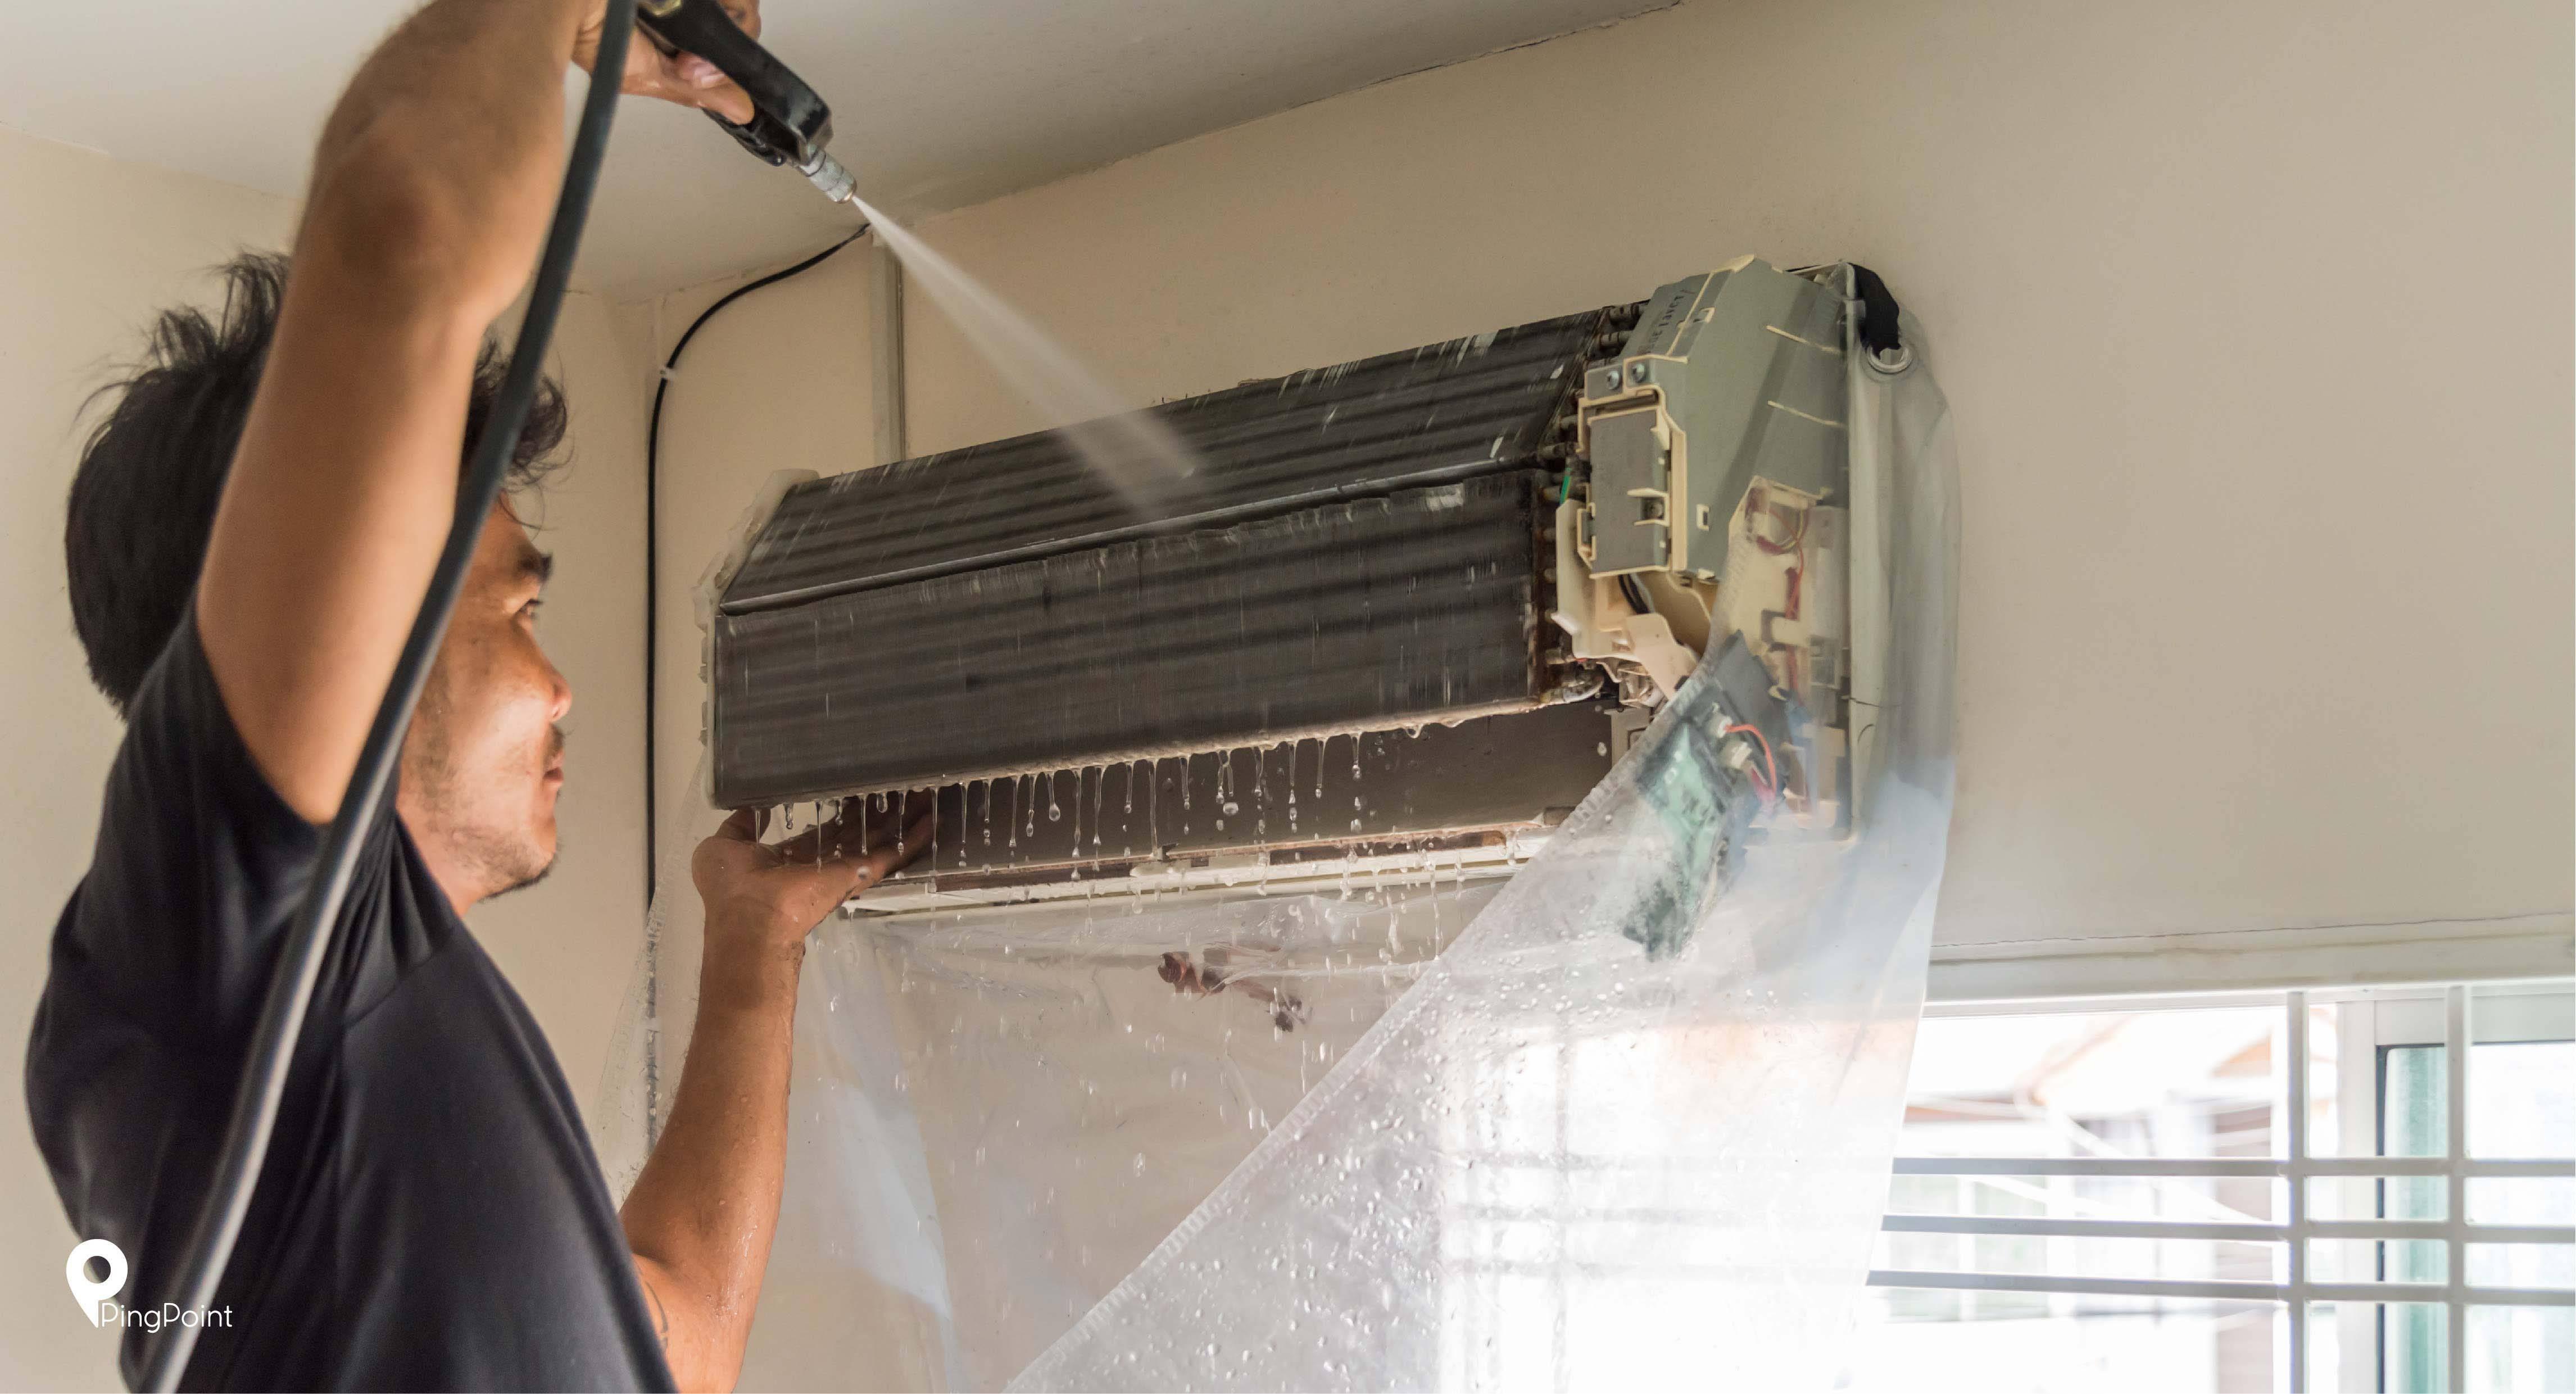 Как почистить дренажную трубку кондиционера дома? - о строительстве и ремонте простыми словами